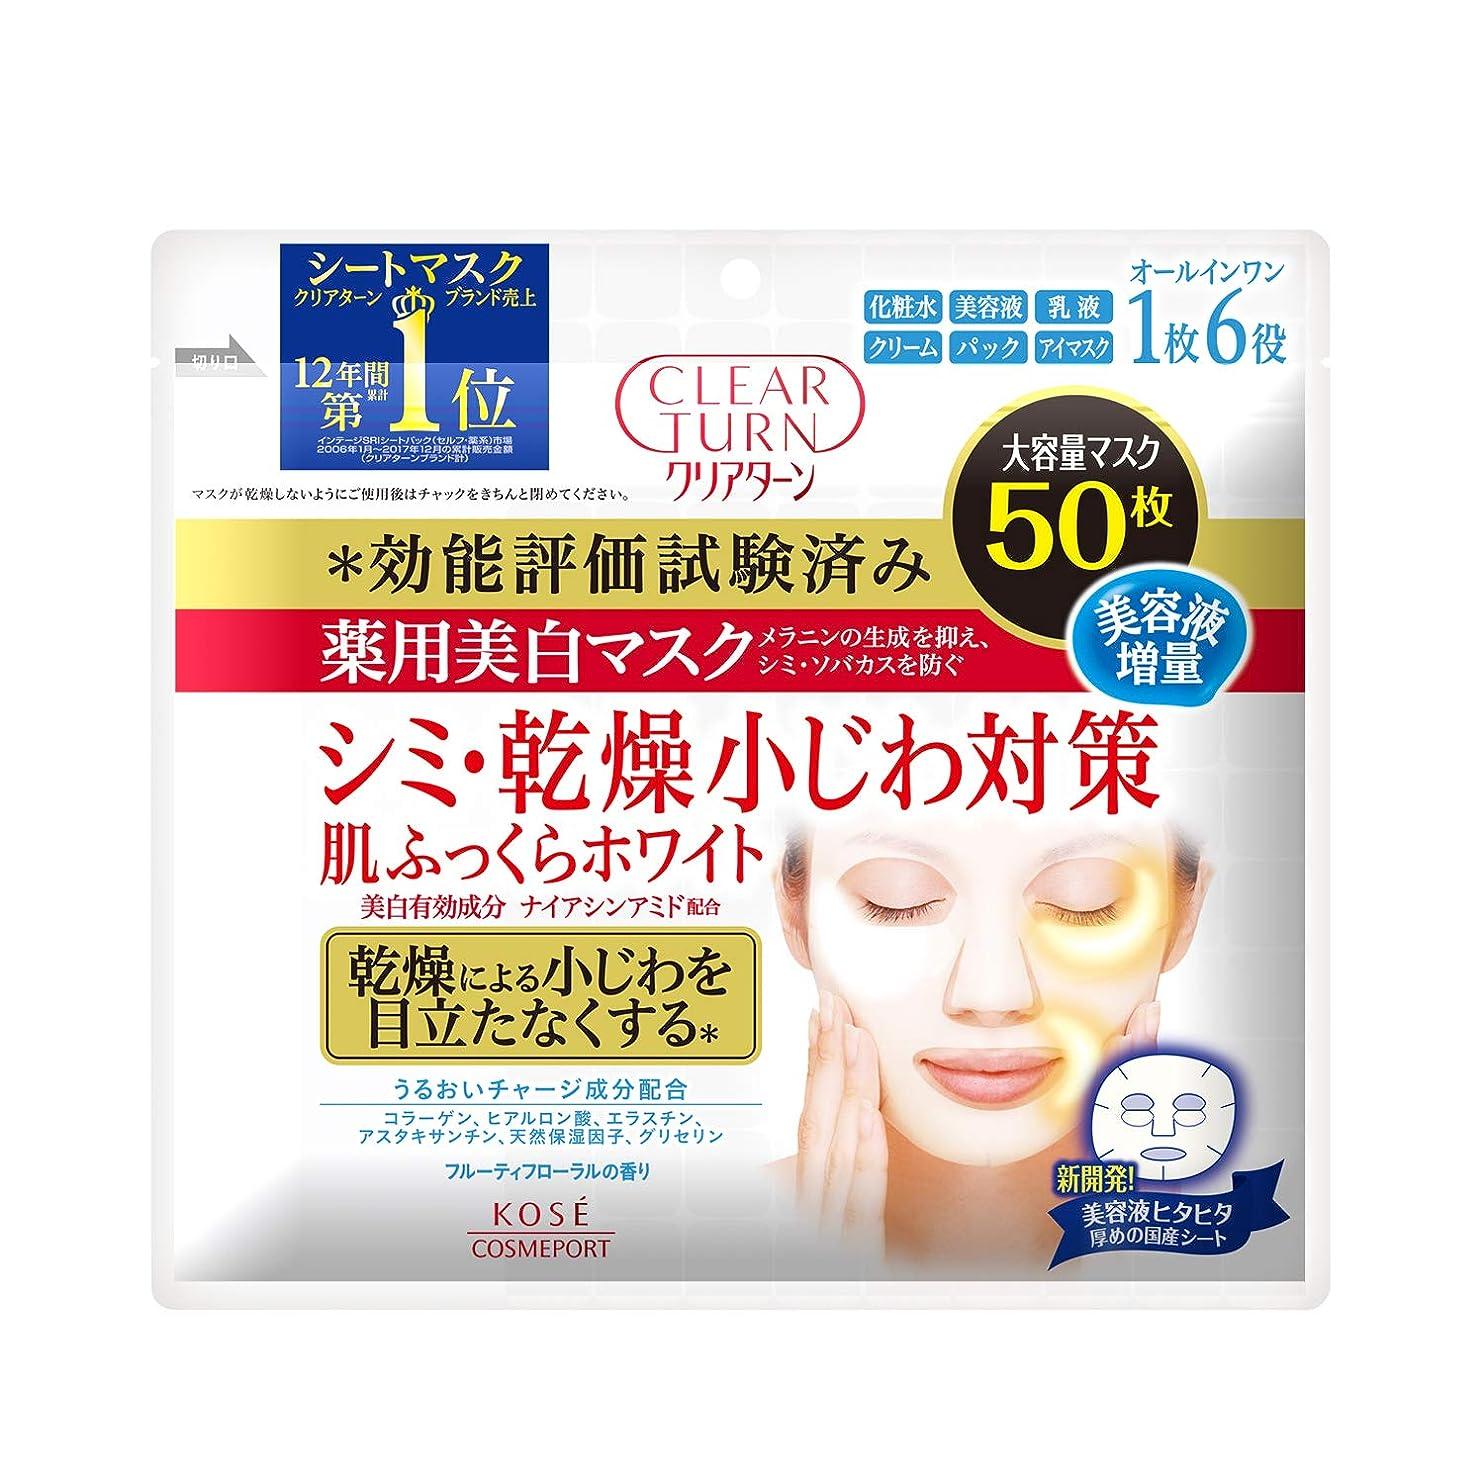 上流の隣人希望に満ちたKOSE コーセー クリアターン 薬用美白 肌ホワイト マスク 50枚 フェイスマスク (医薬部外品)